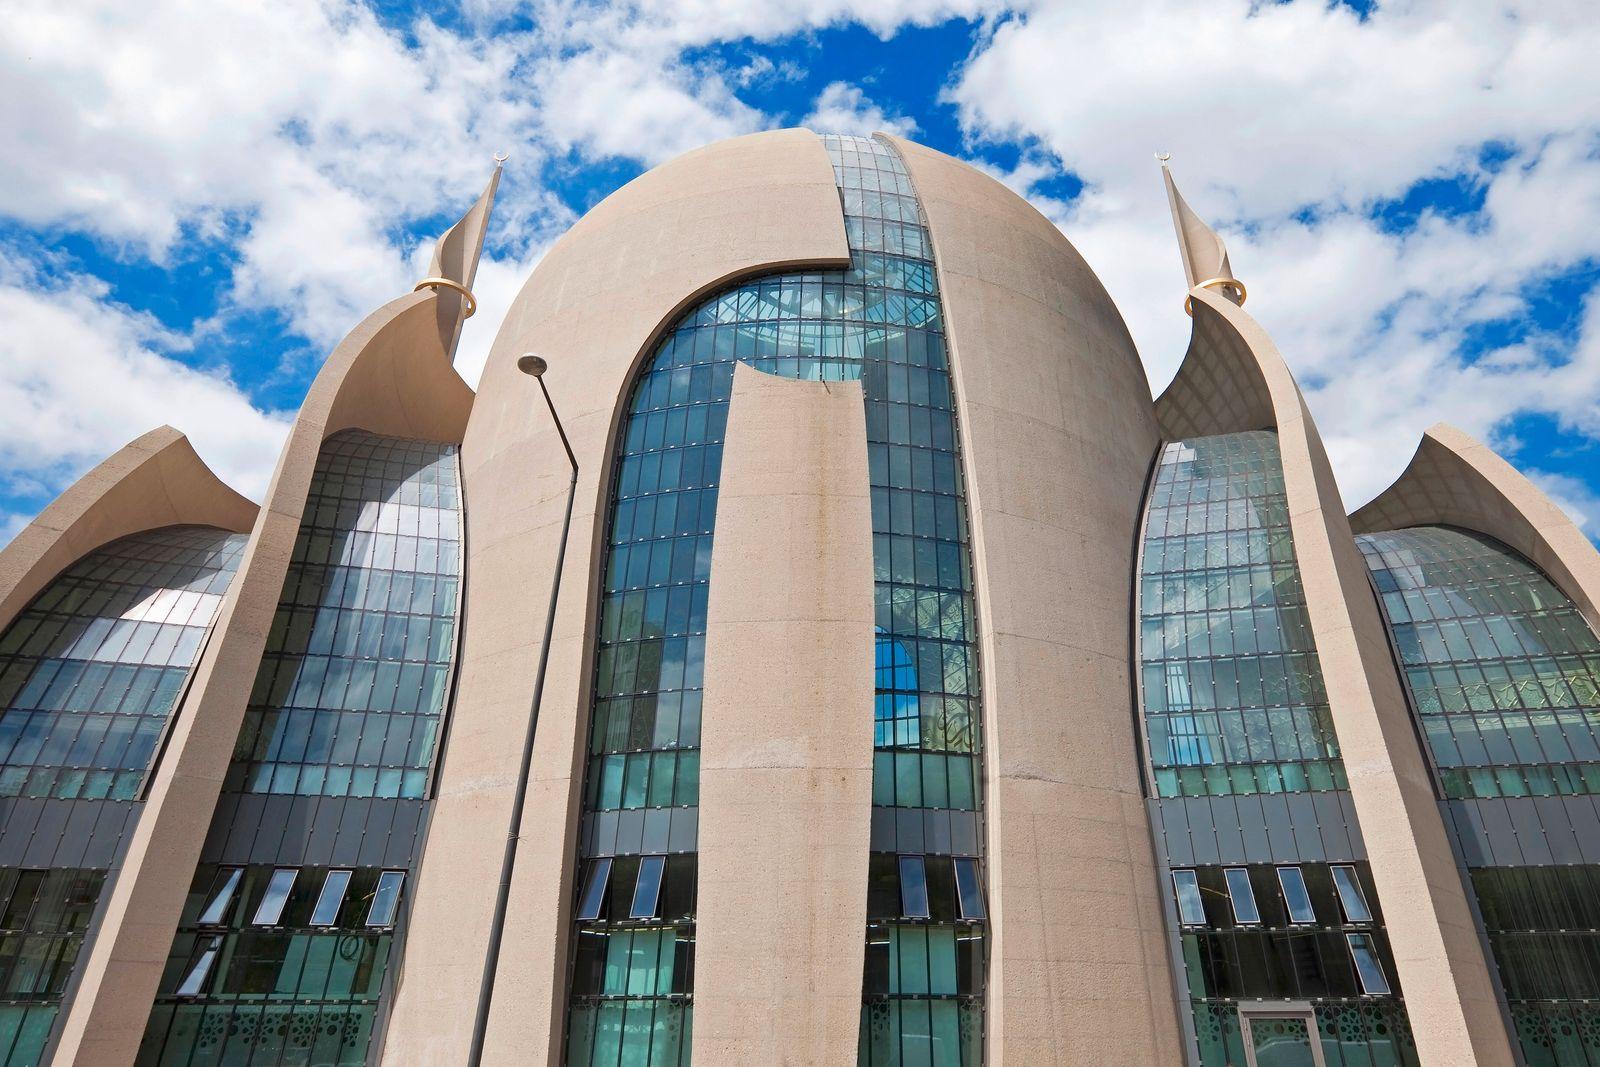 DITIB-Zentralmoschee Koeln, Deutschland, Nordrhein-Westfalen, Koeln Cologne Central Mosque, Germany, North Rhine-Westpha